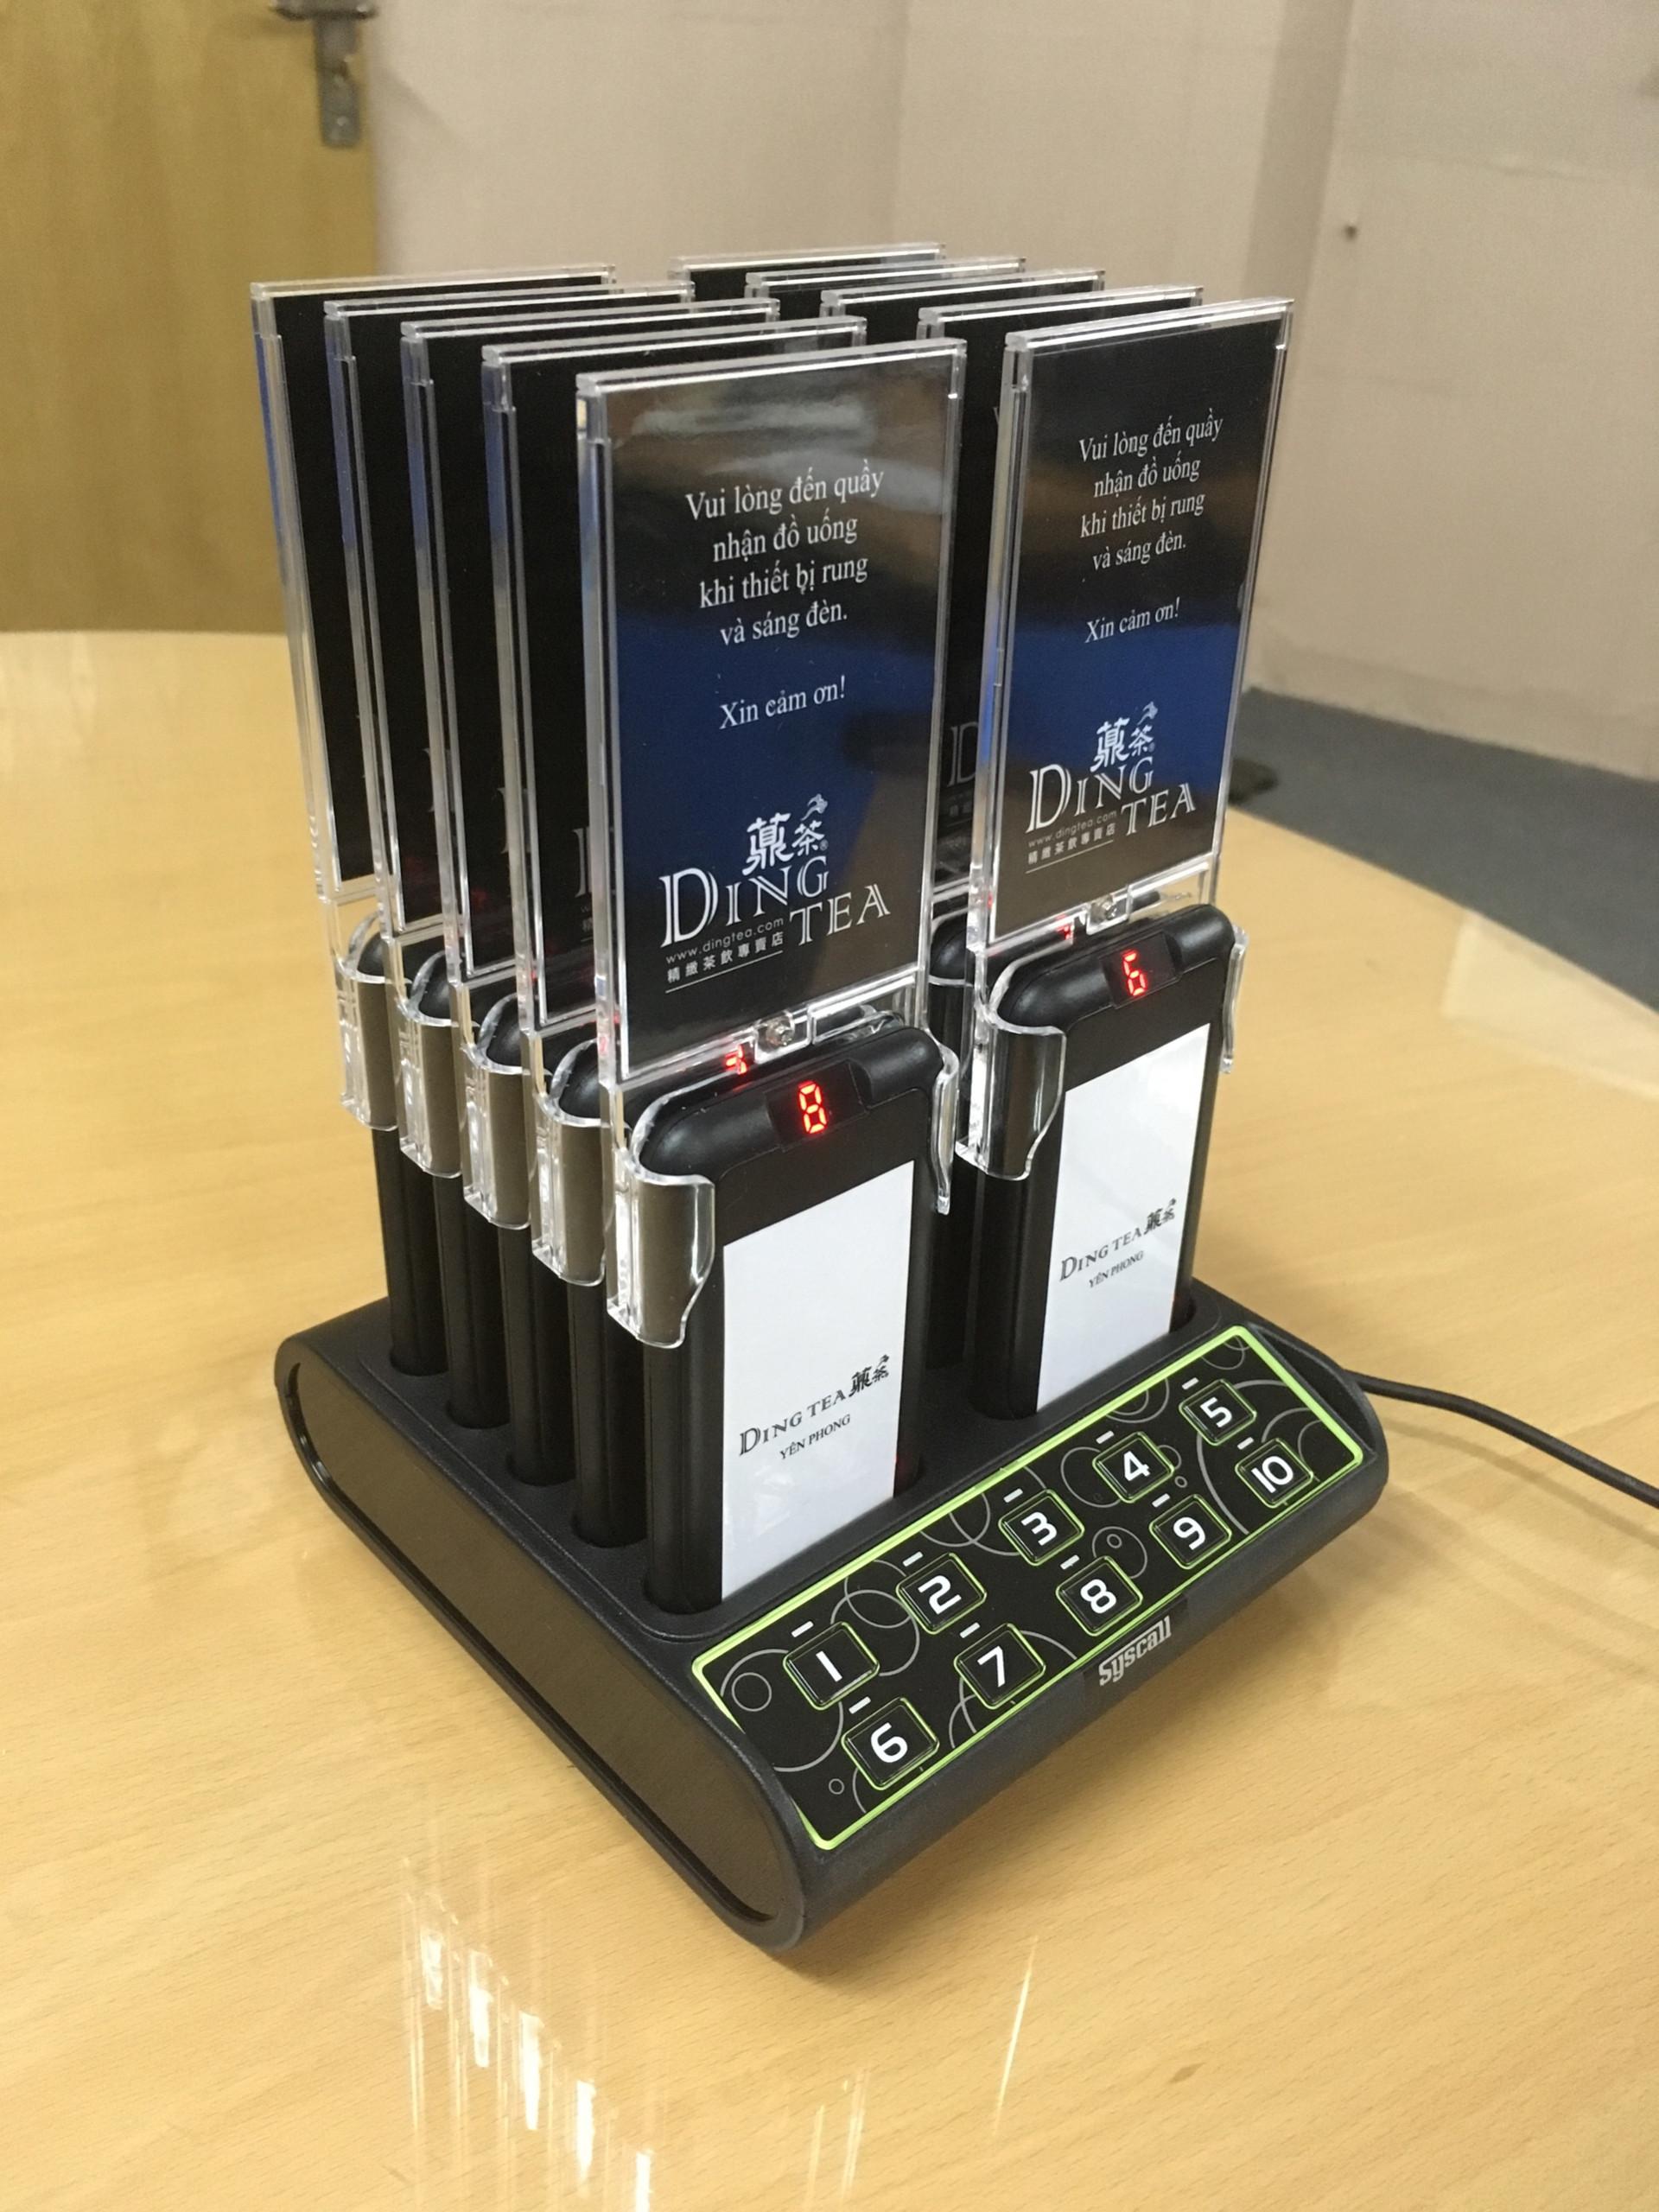 Ecall triển khai thiết bị tự phục vụ cho Dingtea Yên Phong 2